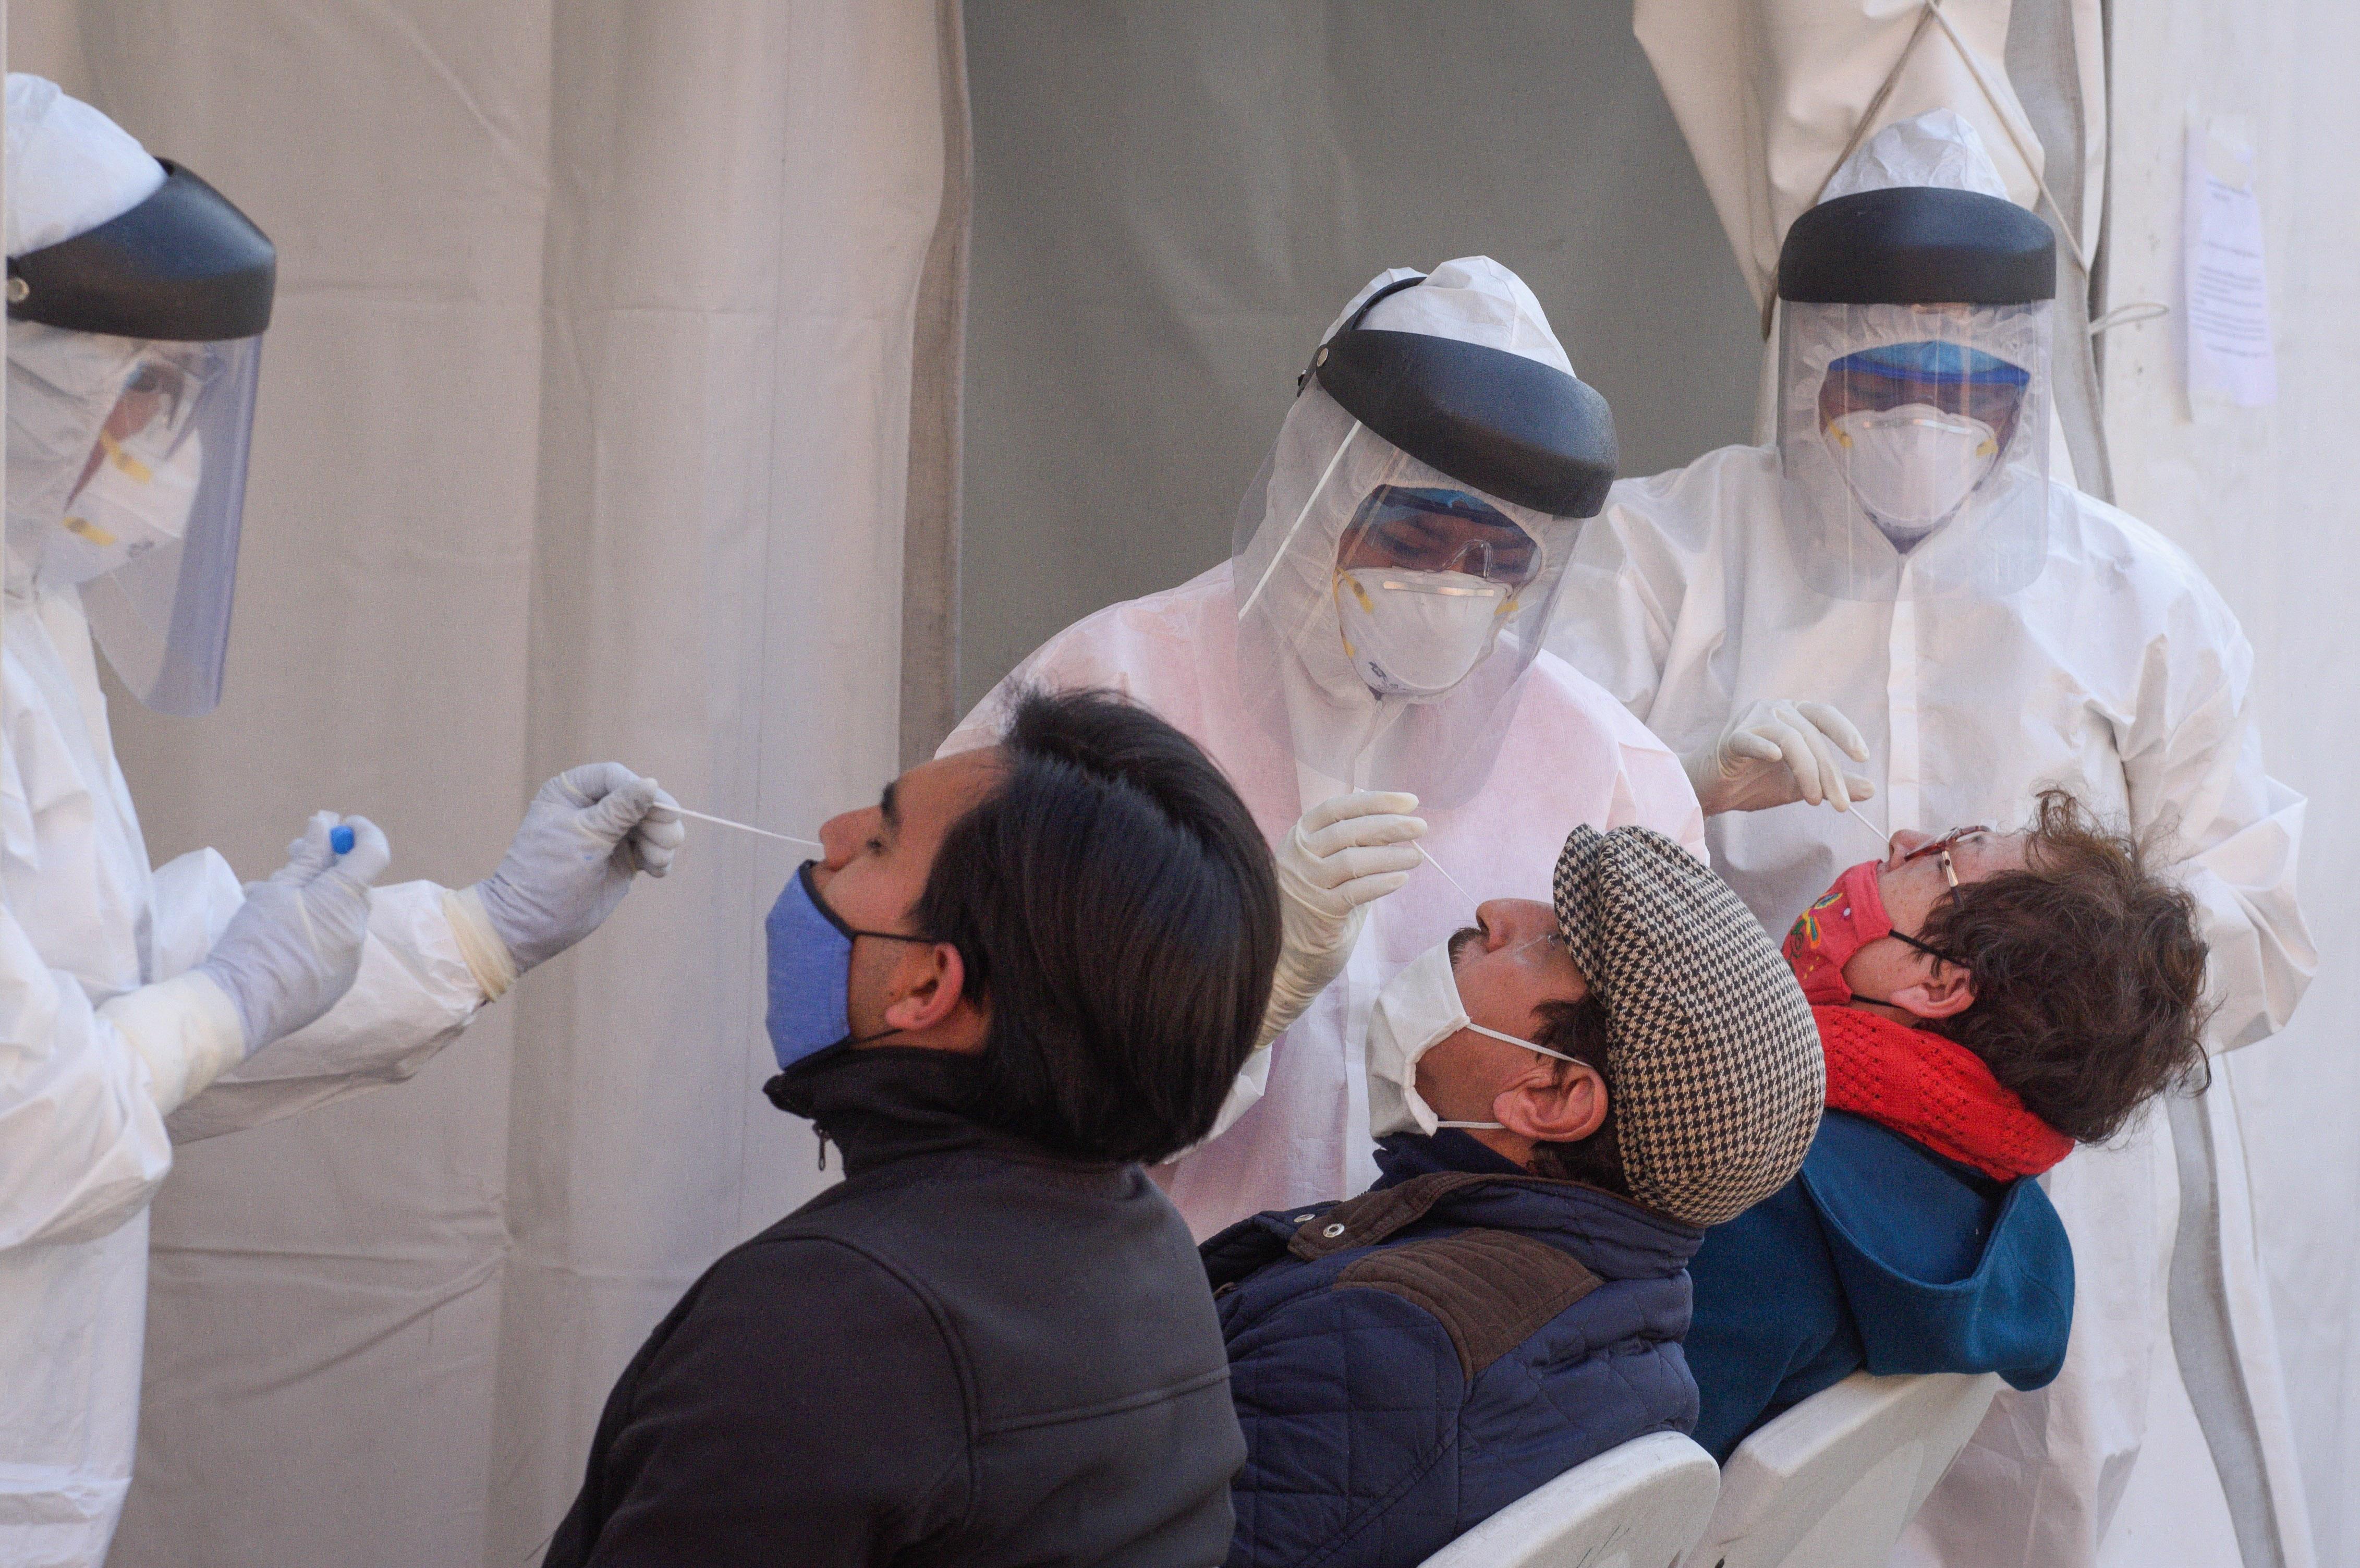 """Vecinos asisten a realizarse la prueba rápida de detección de Covid-19 en el """"macro kiosko"""" instalado en la explanada de la alcaldía Azcapotzalco."""